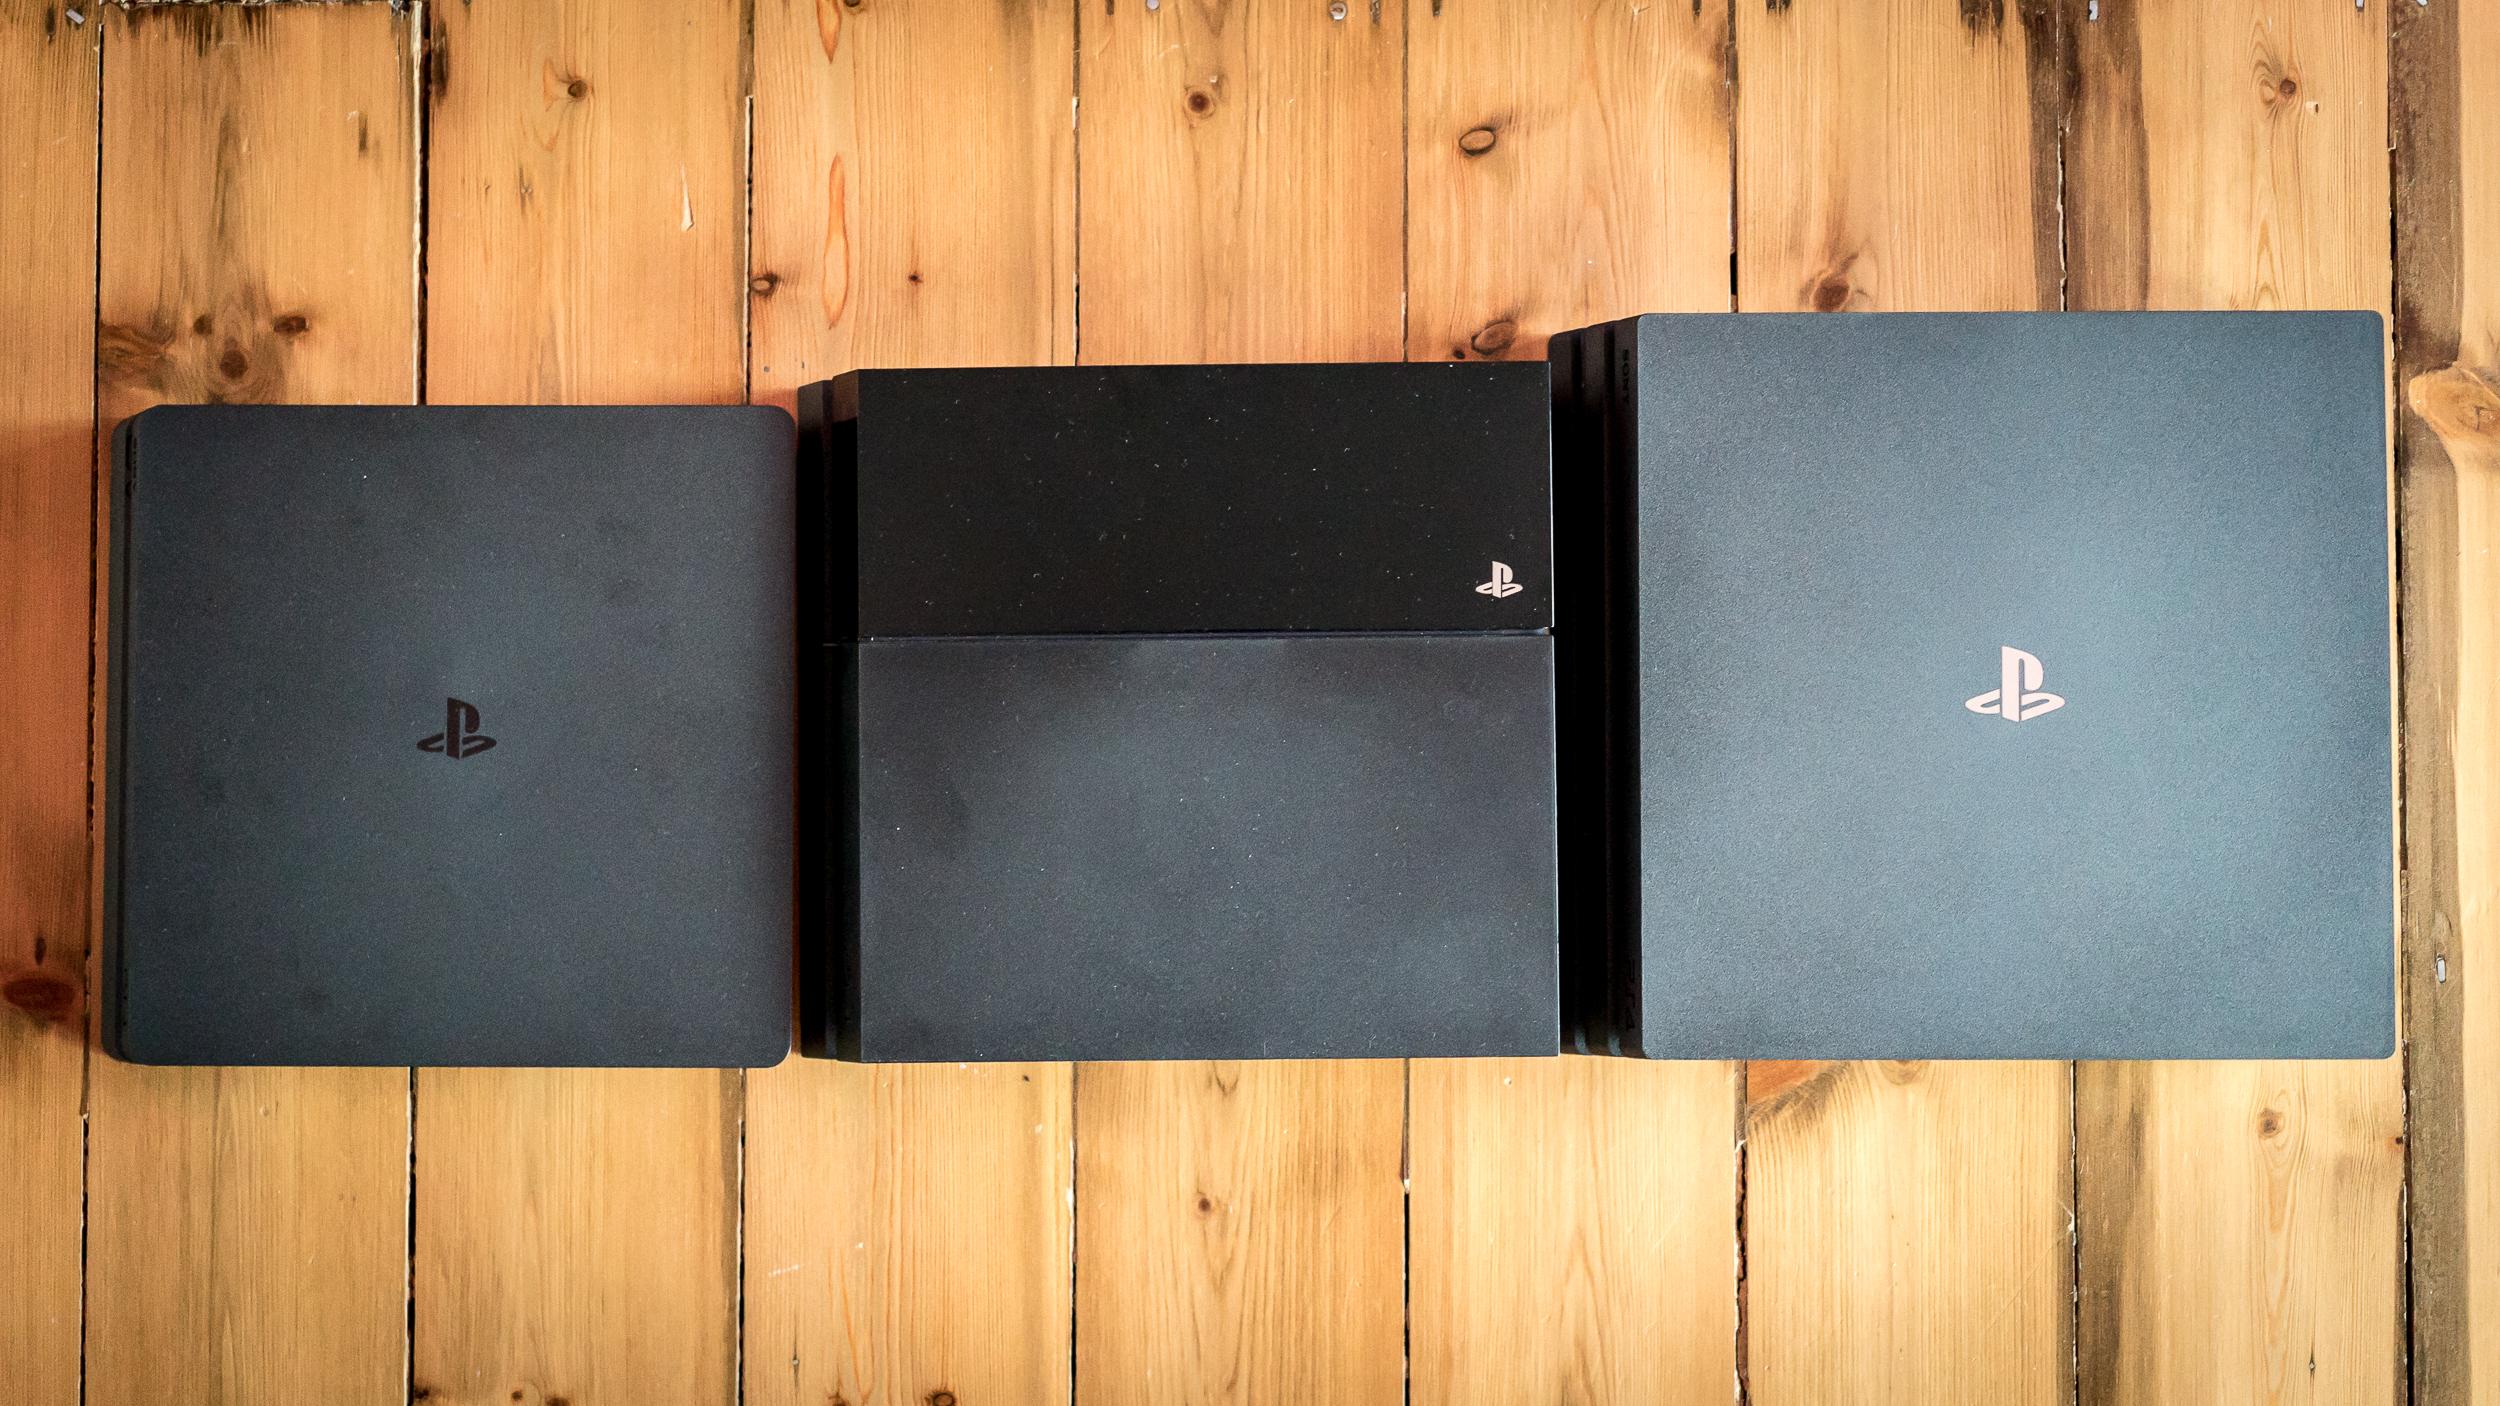 PS4 Slim, OG PS4, PS4 Pro.